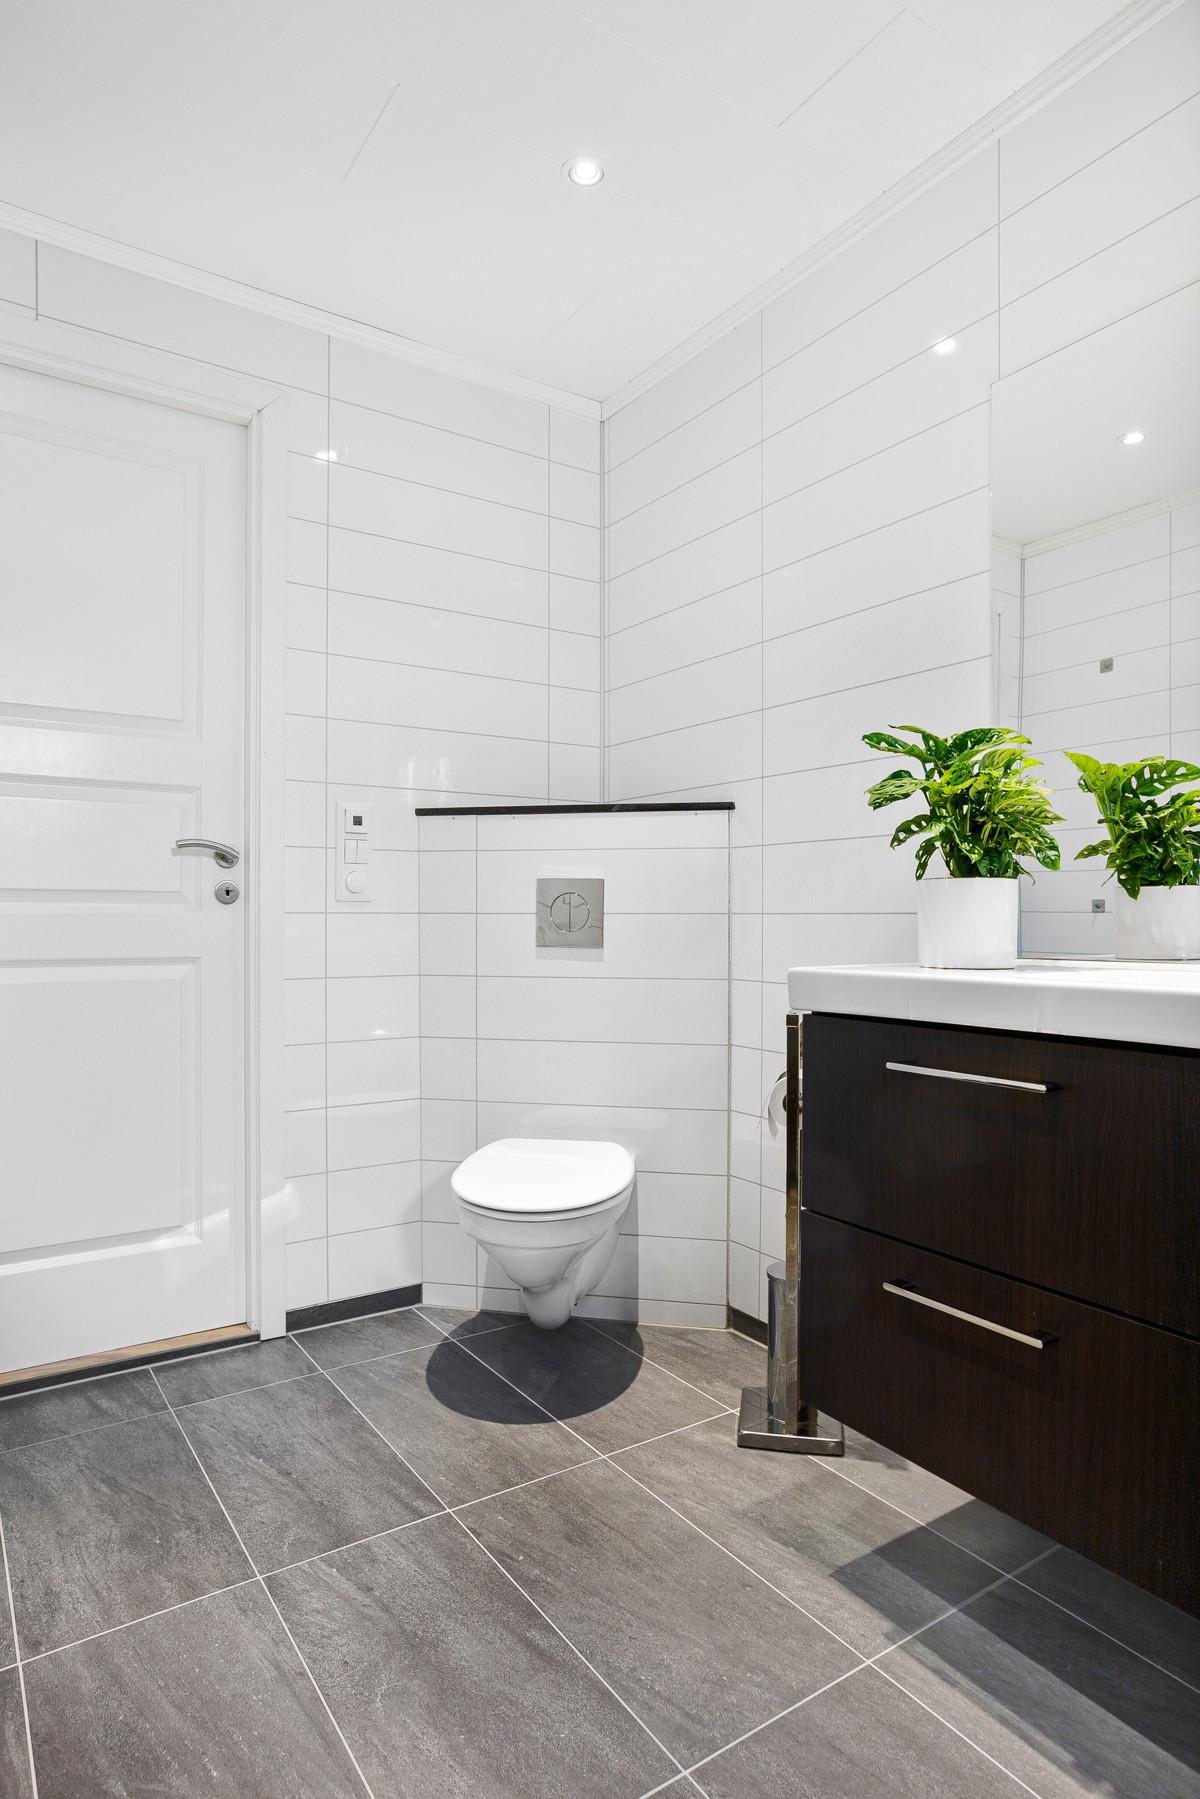 Badet er komplett flislagt med gulvvarme